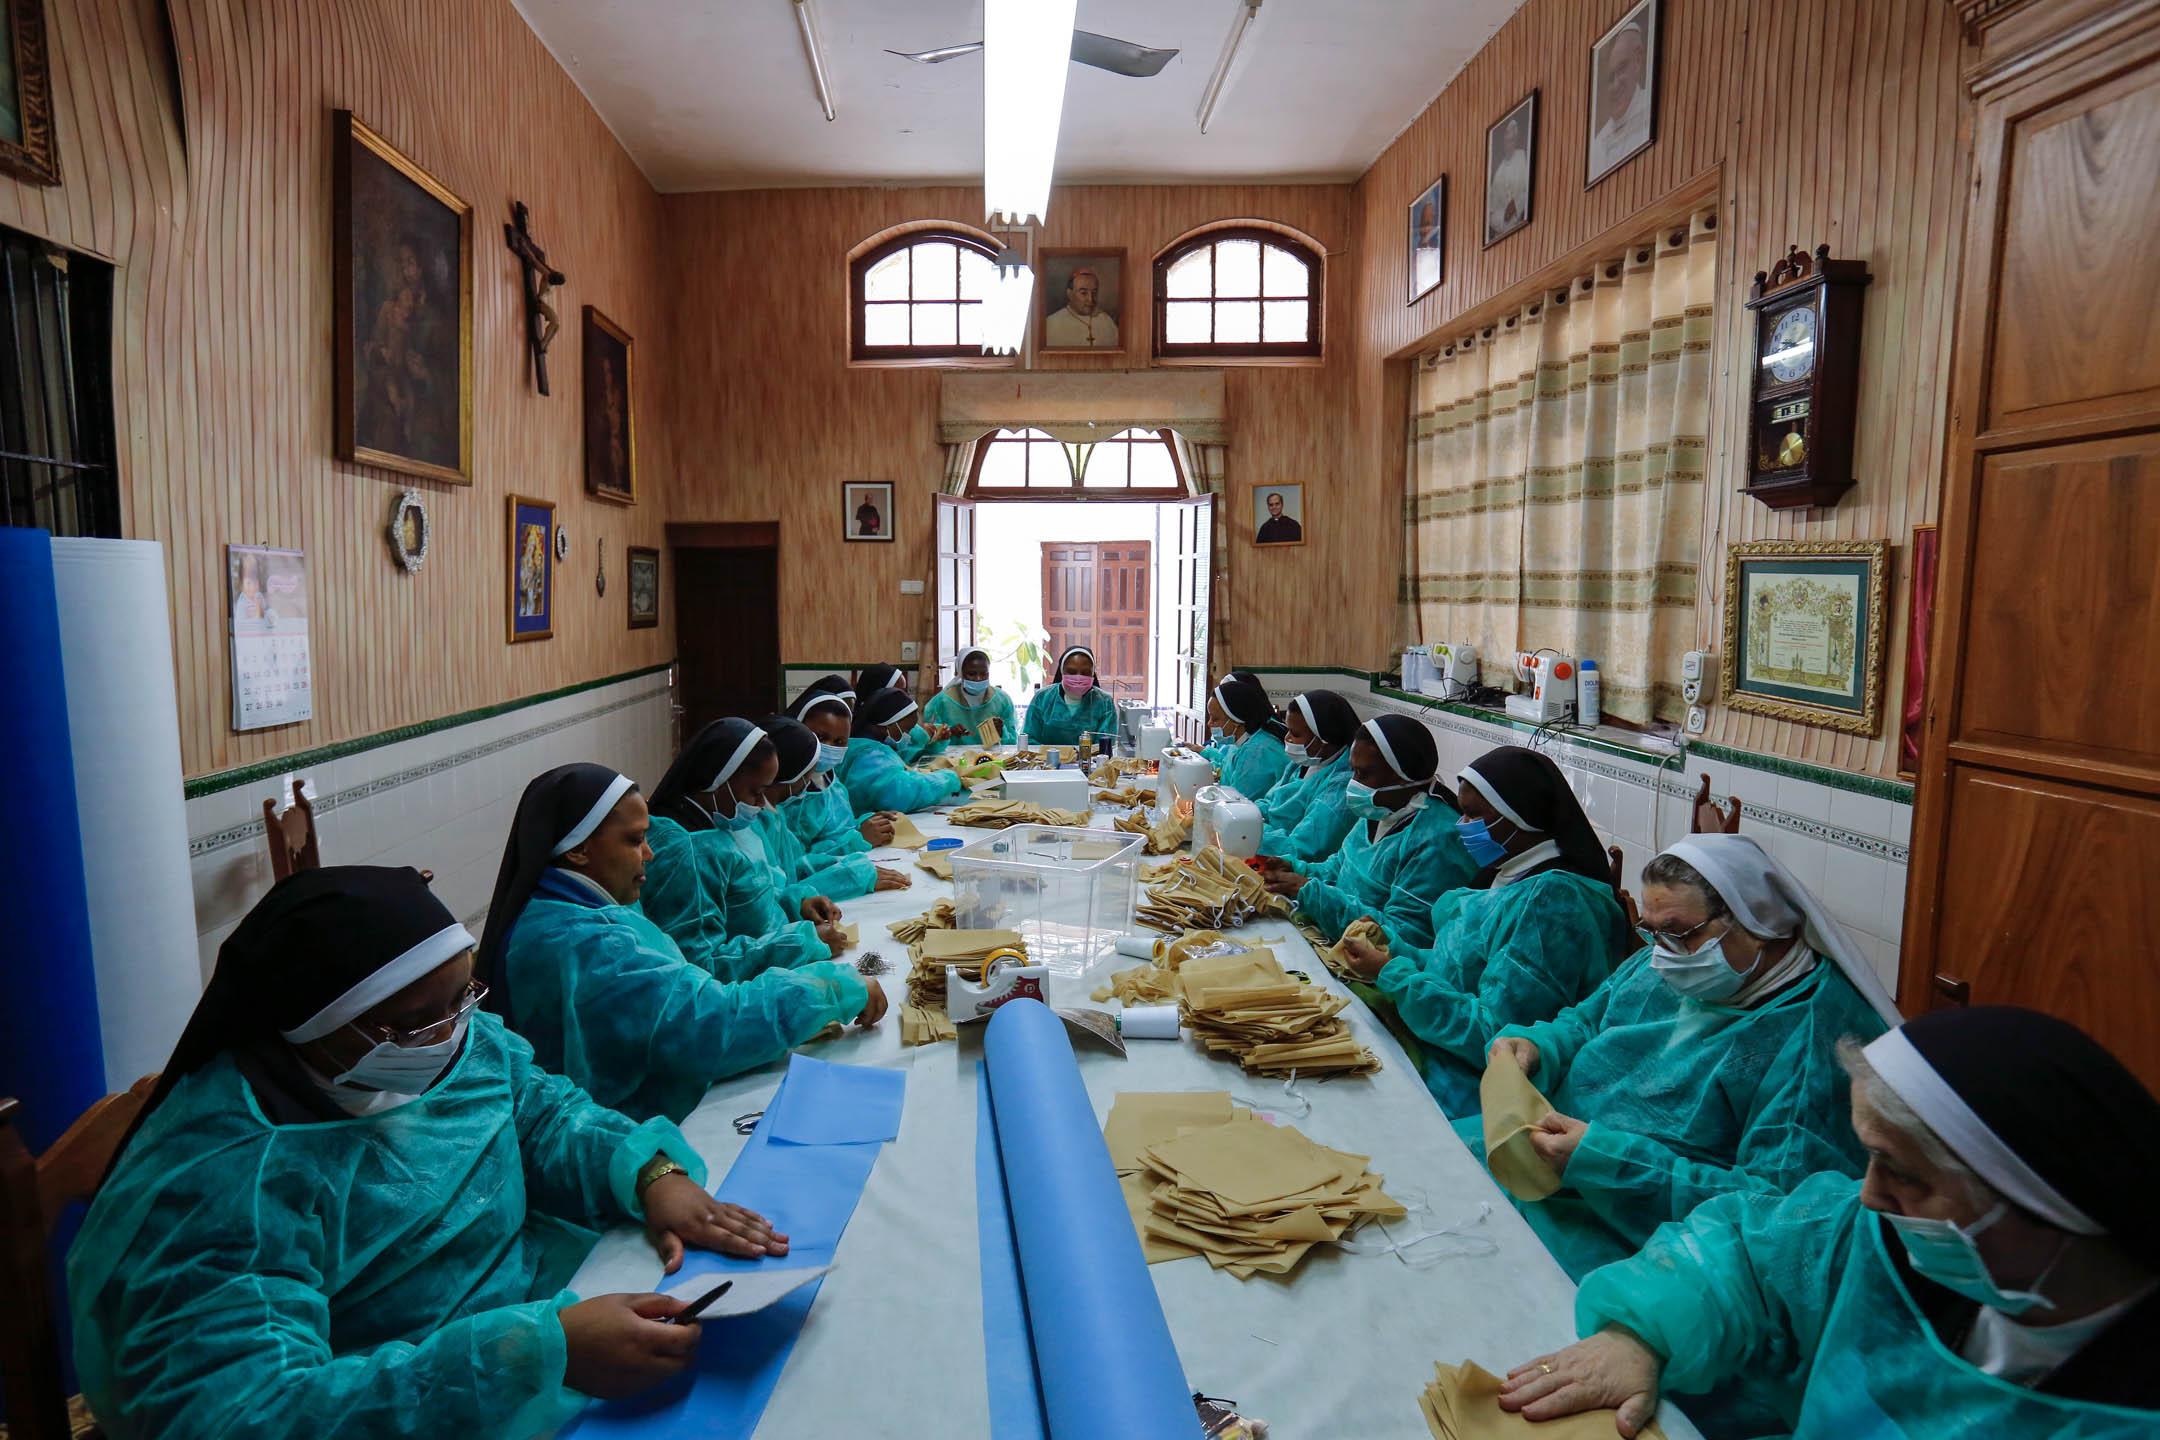 2020年4月4日,西班牙西維爾一家教會的修女正在製作口罩和保護衣,供社區內的居民使用。 攝:Marcelo del Pozo/Getty Images